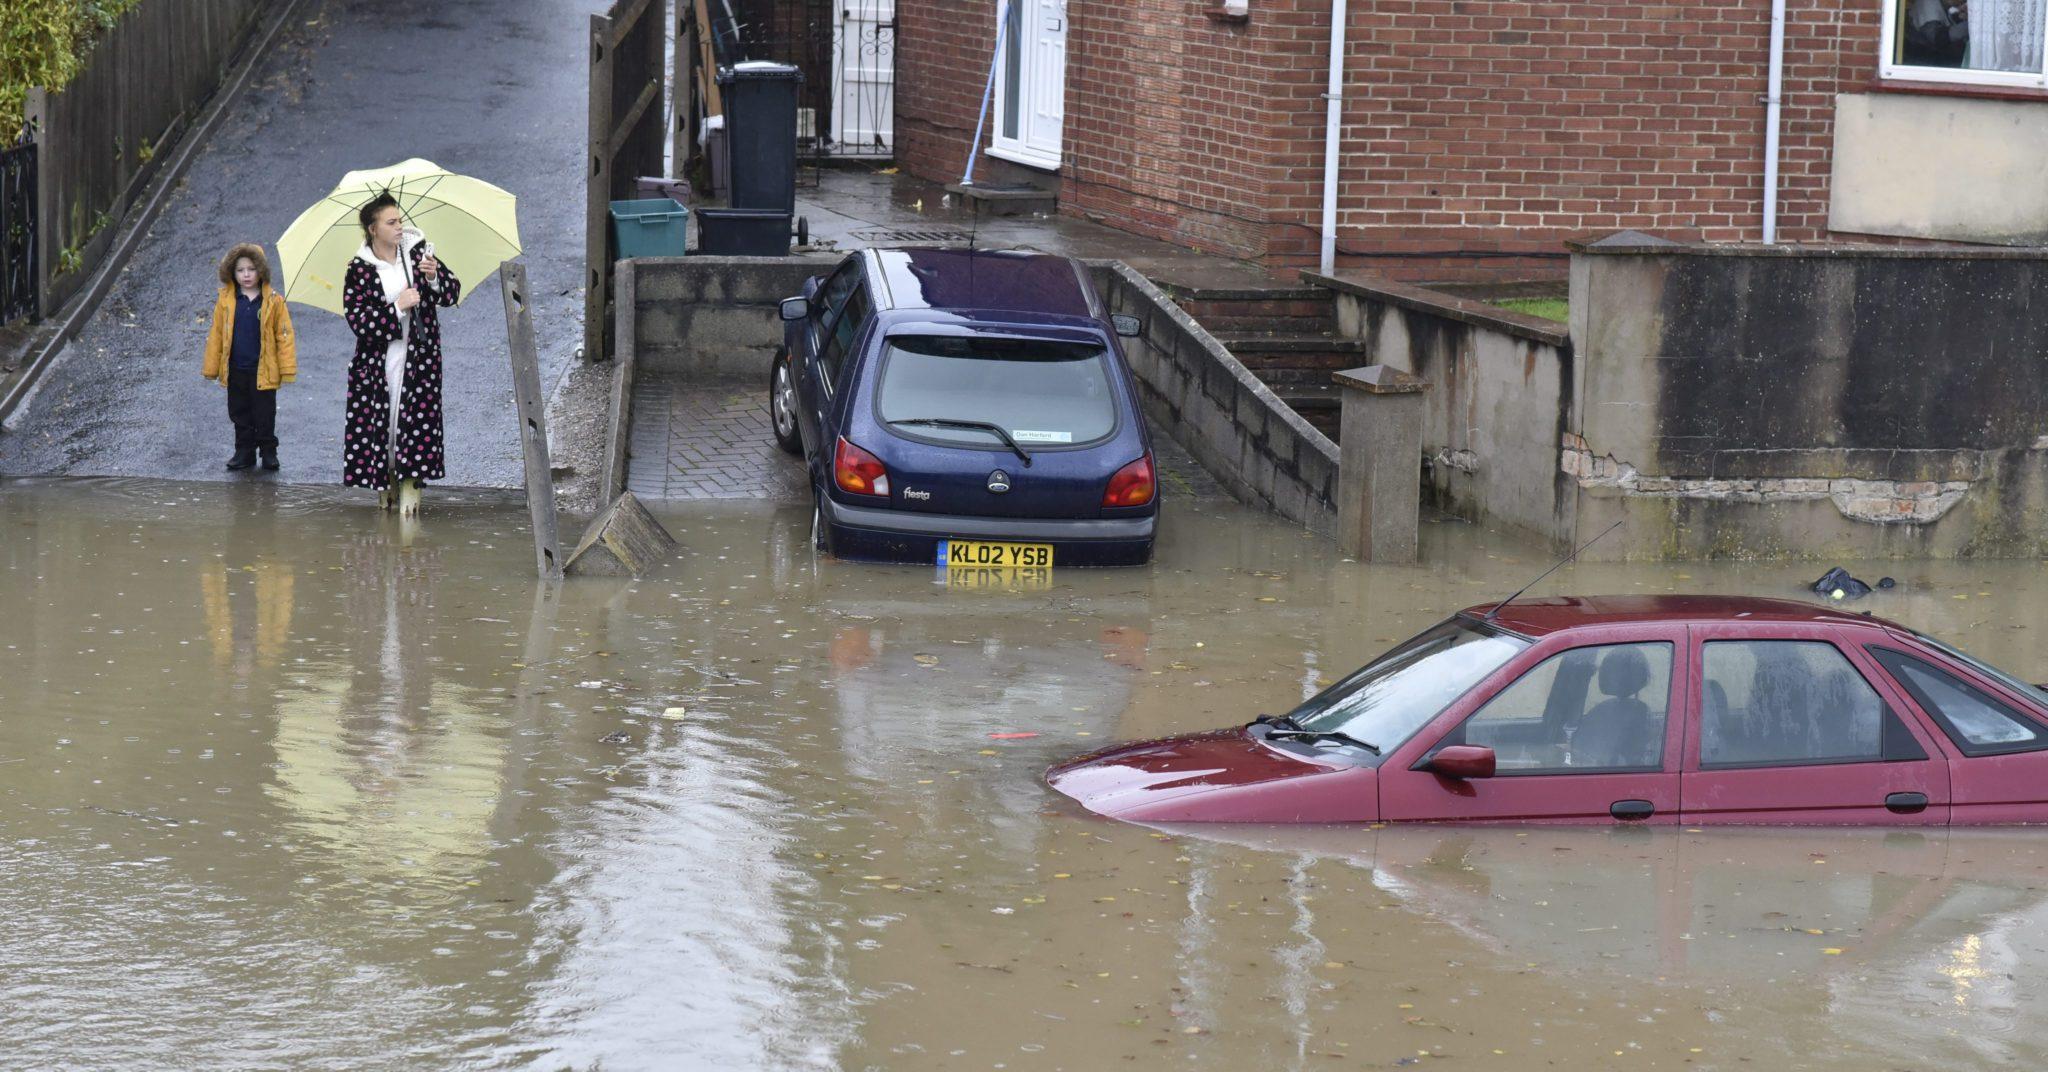 Wielka Brytania: powódź w Bristolu (foto. PAP/EPA/NEIL MUNNS)